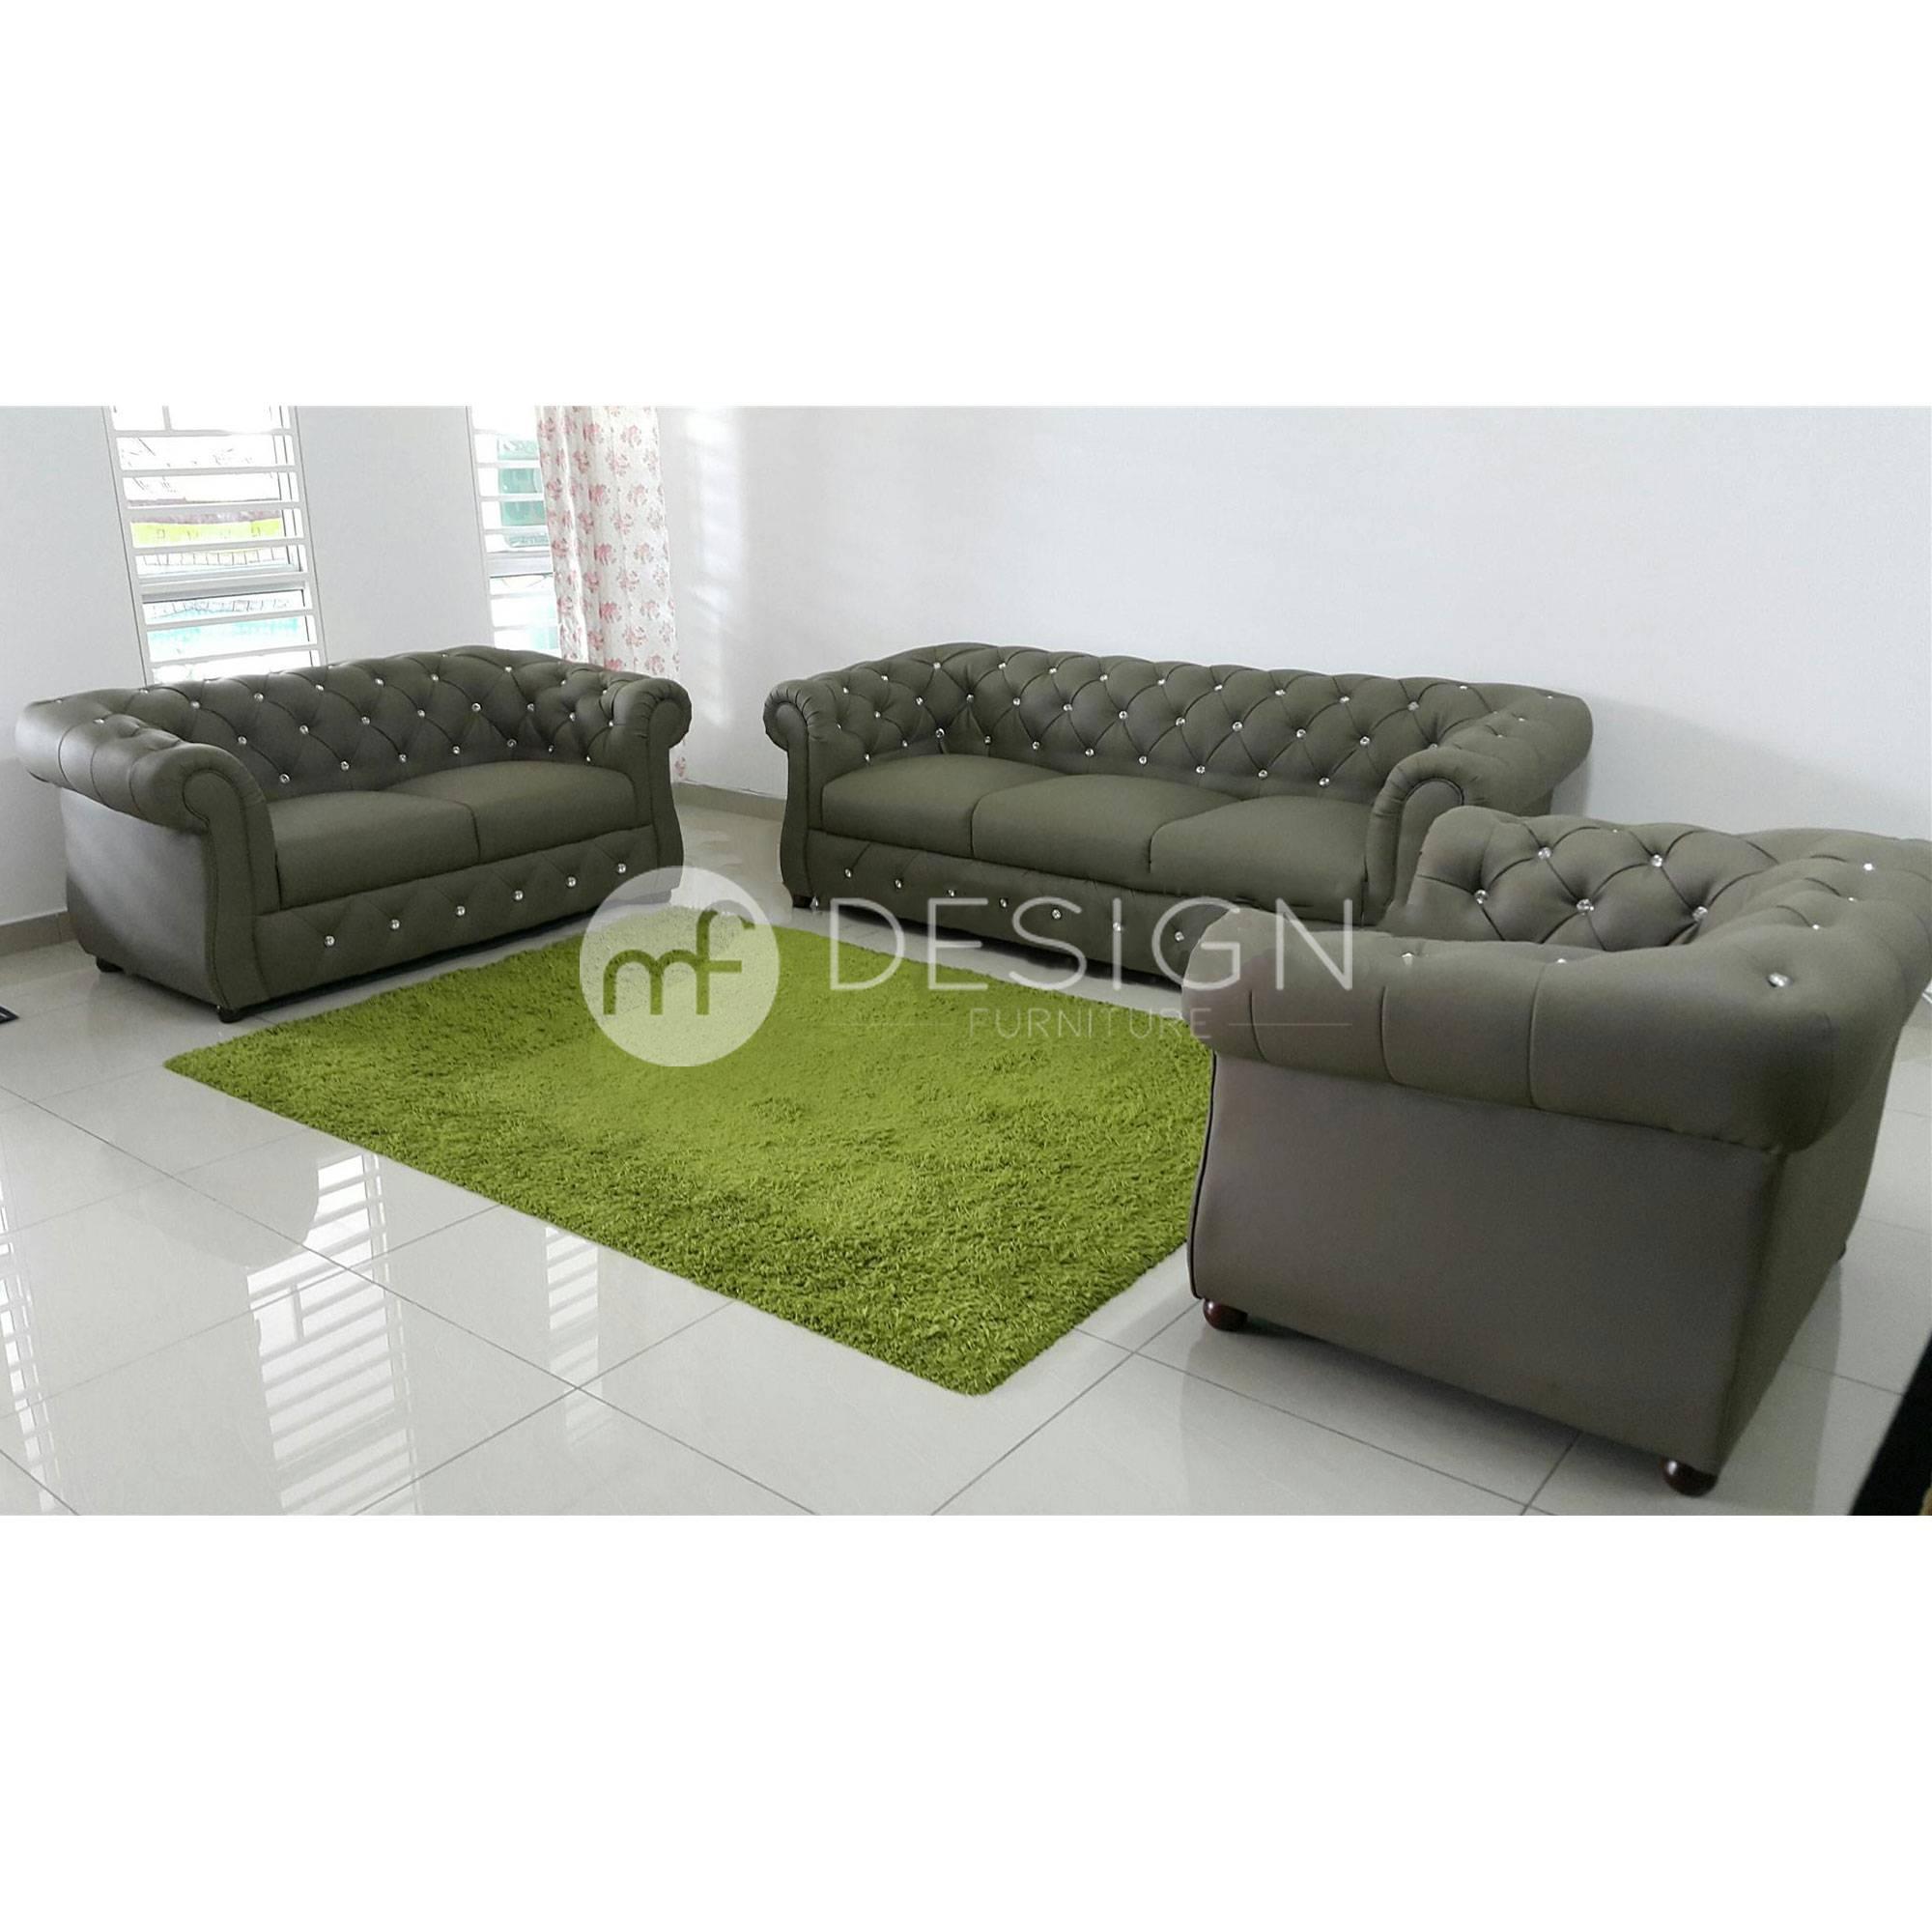 Sofa 3 2 1 Malaysia